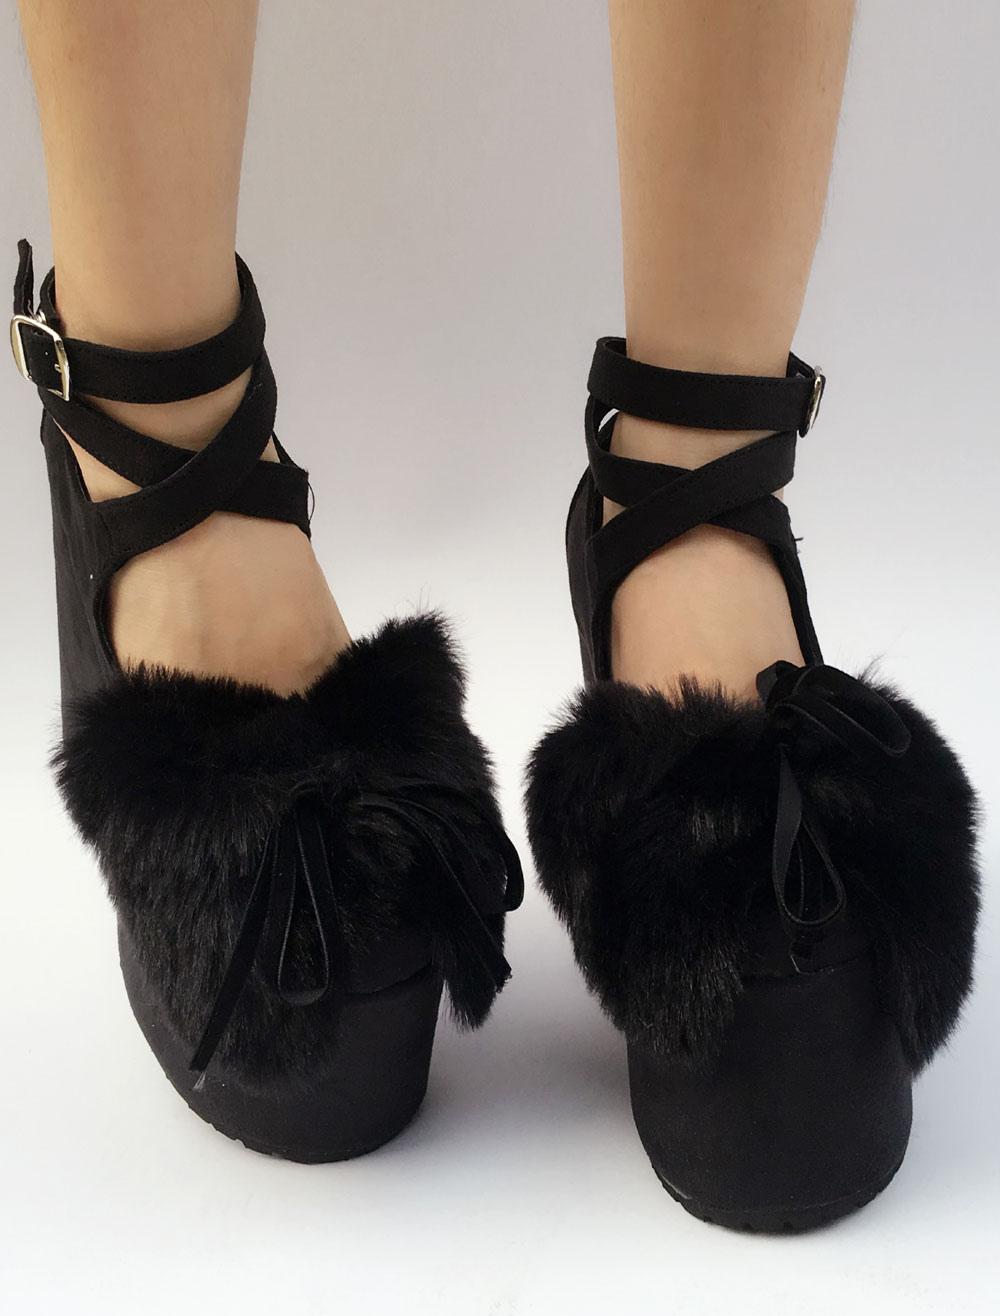 acad237d00 ... Lolitashow Camurça Lolita sapatos plataforma preto calcanhar Chunky  peles artificiais arco transversal frontal tornozelo cinta Lolita ...